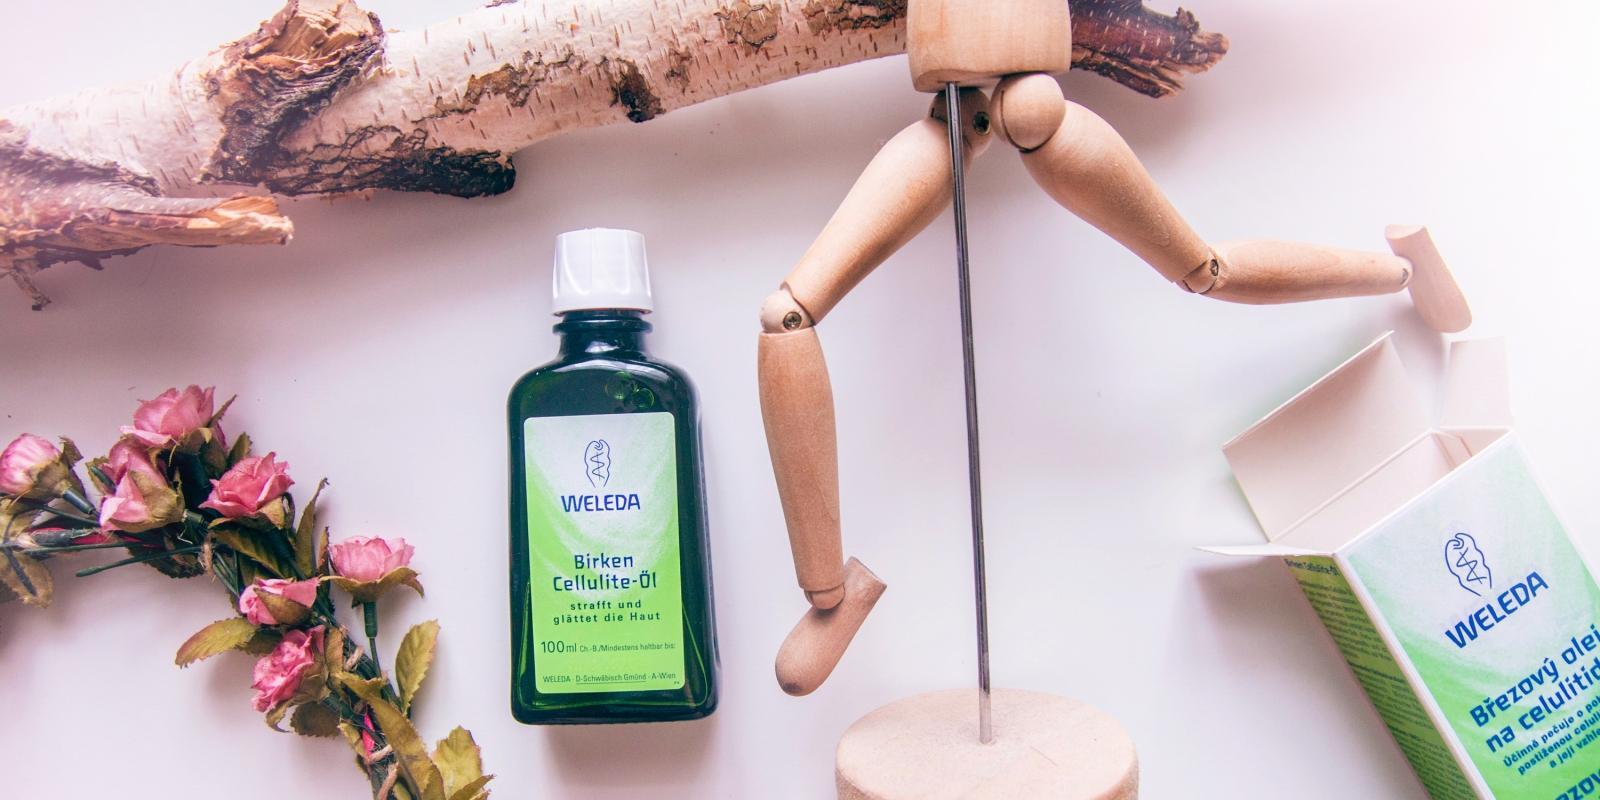 Recenze: Březový olej na celulitidu Weleda